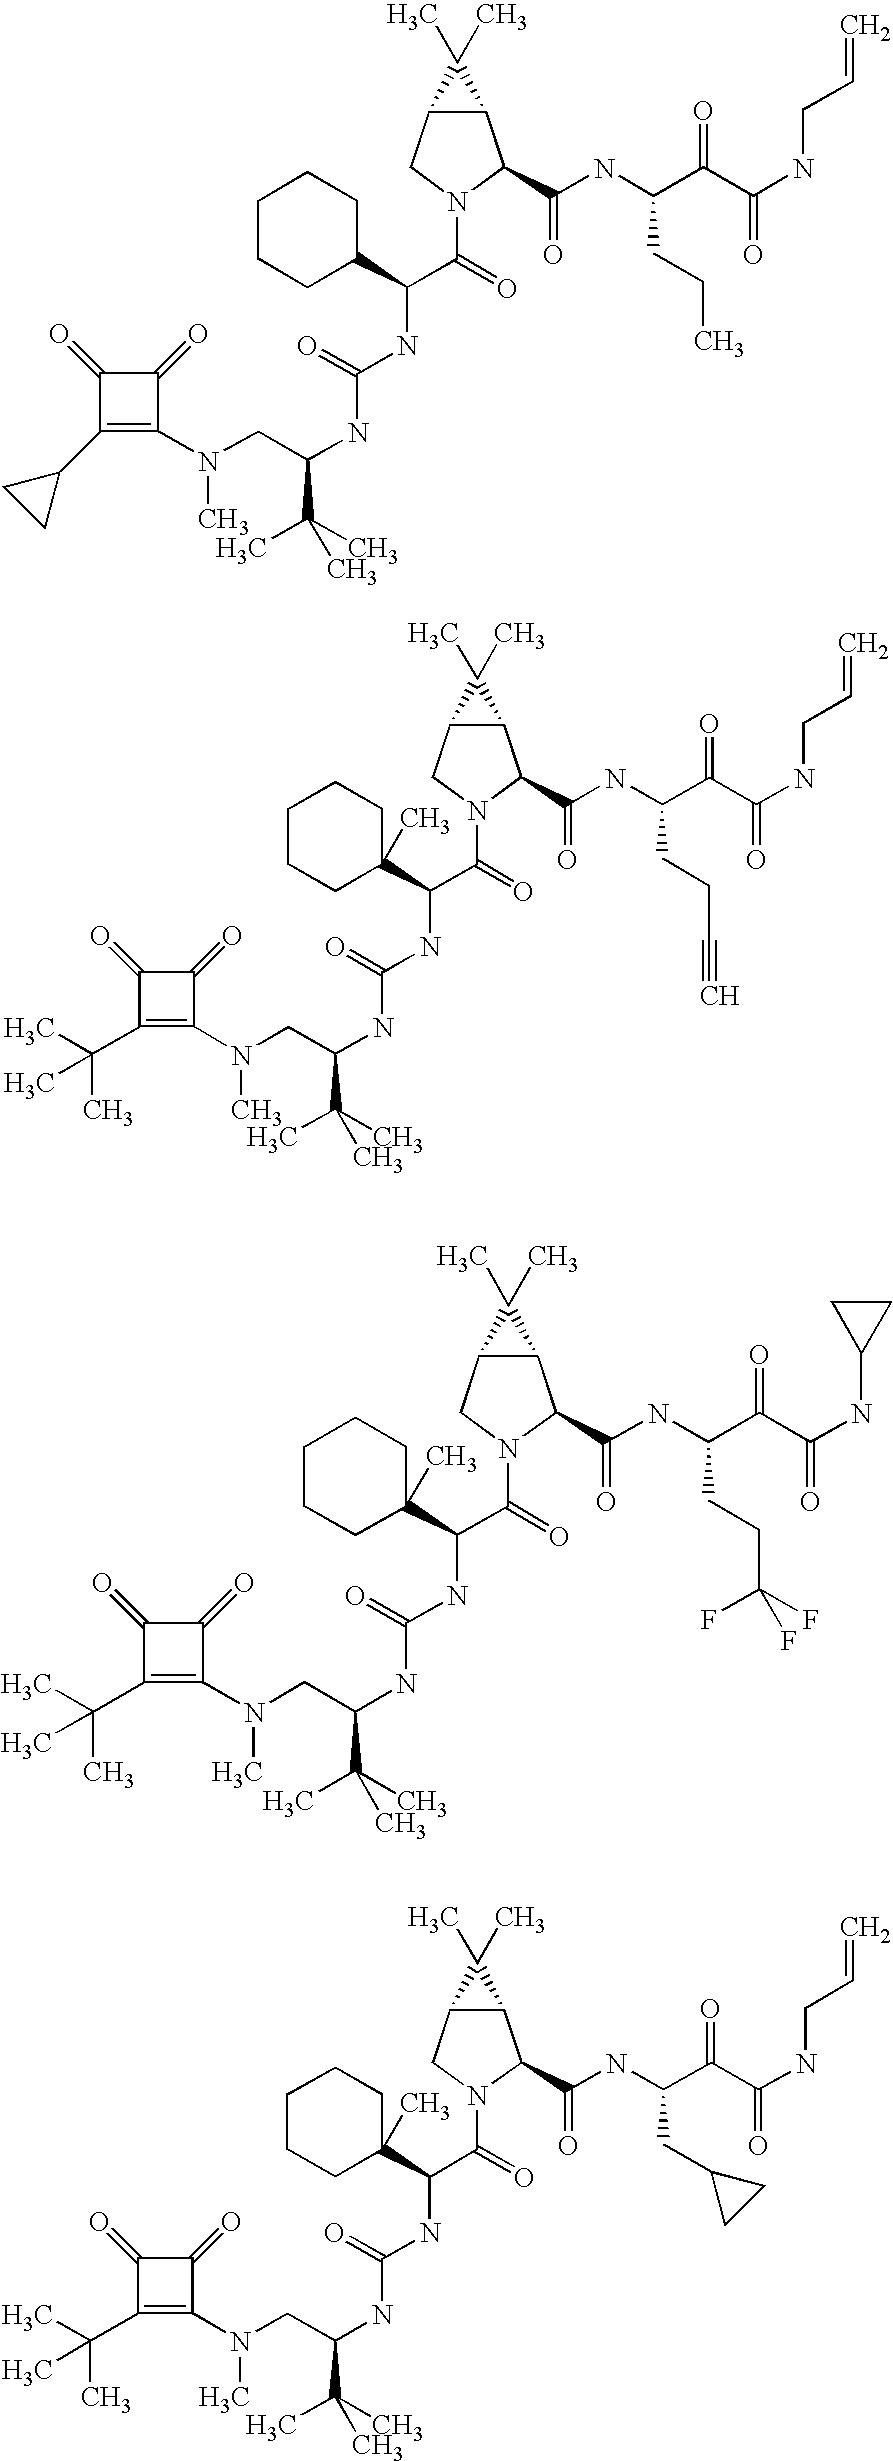 Figure US20060287248A1-20061221-C00553